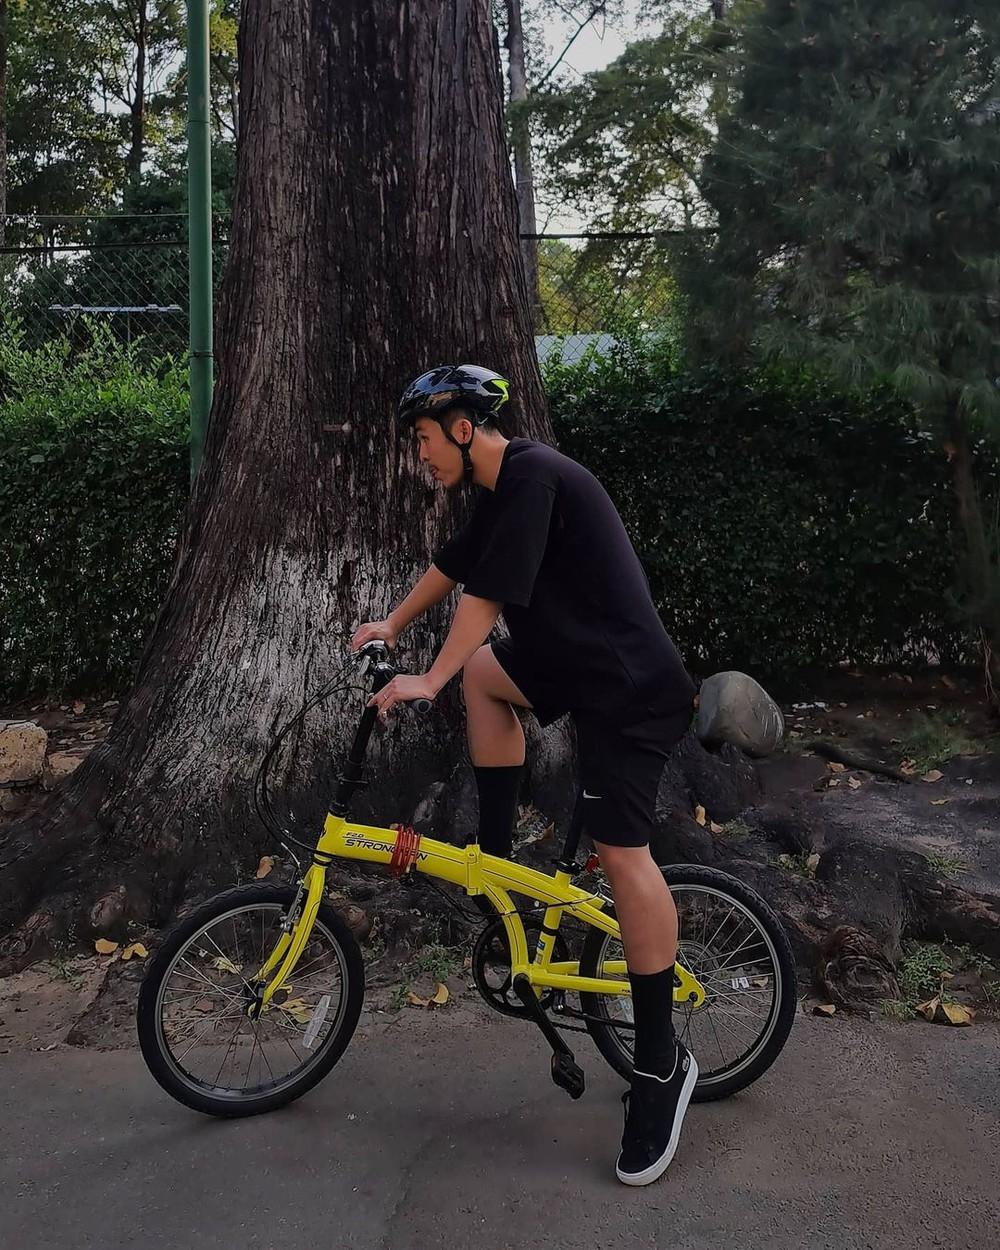 Chuyện không tưởng: Người Sài Gòn đang có trào lưu chạy xe đạp bạc triệu giữa mùa dịch, đầu tư không kém mấy tay đua ở Tour de France - Ảnh 15.